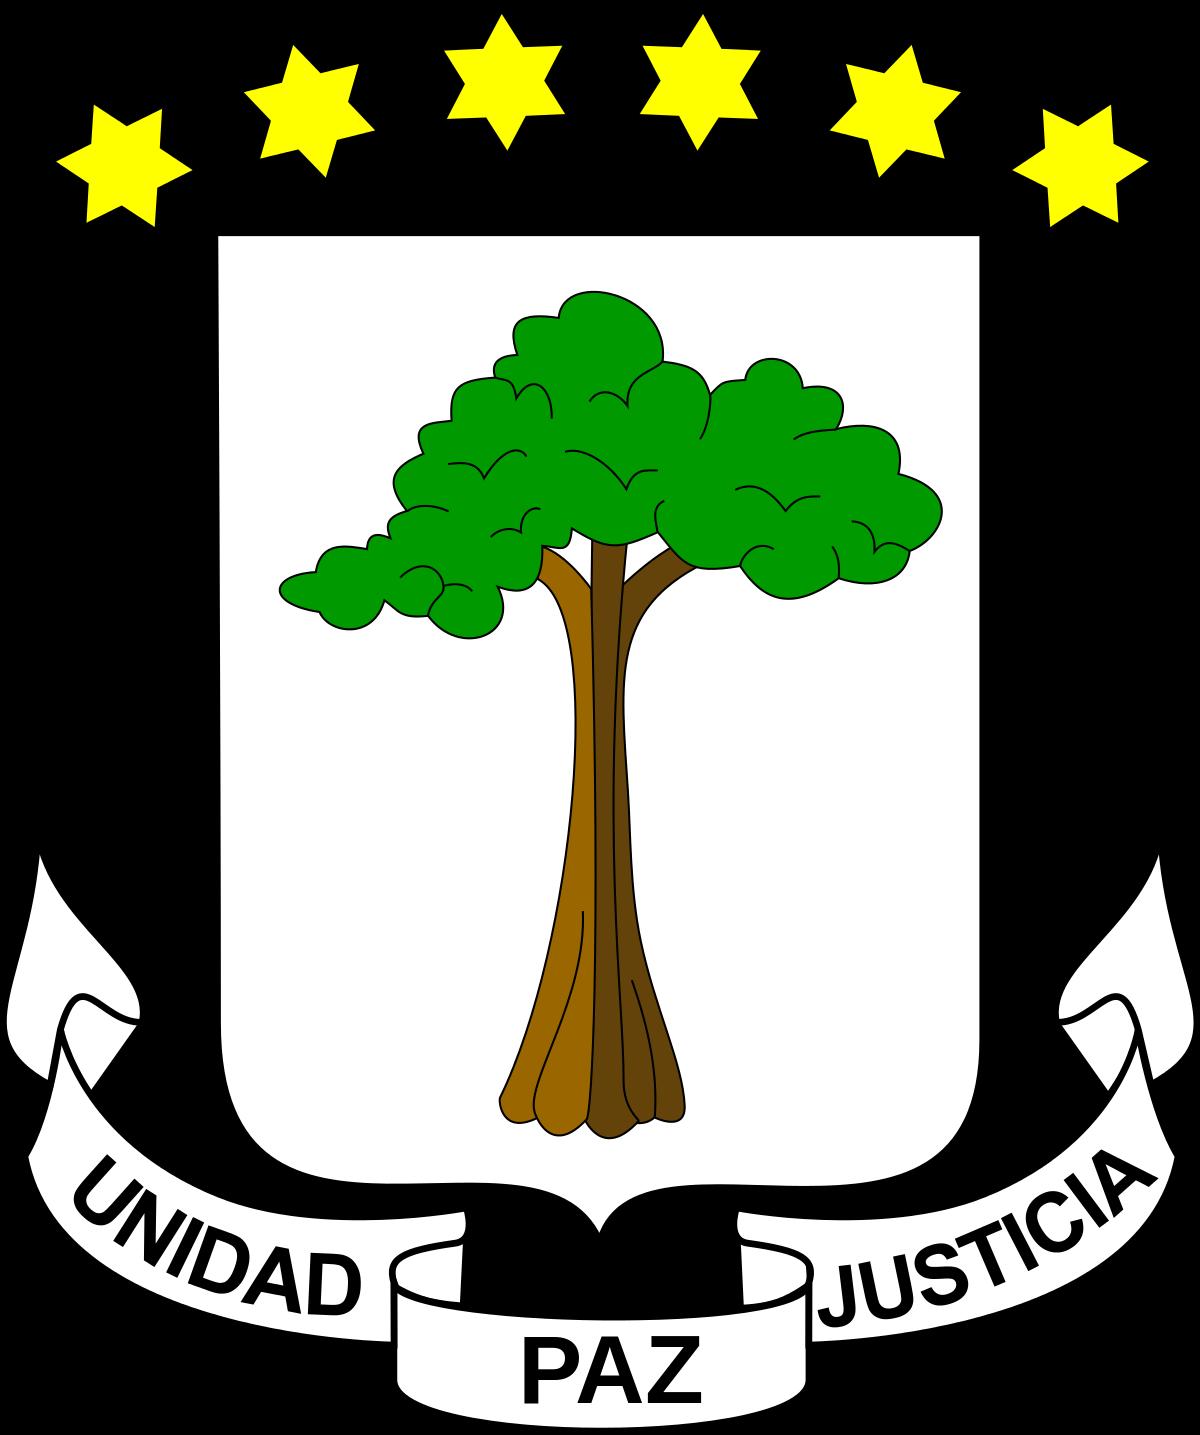 Chambre des députés (Guinée équatoriale) — Wikipédia.